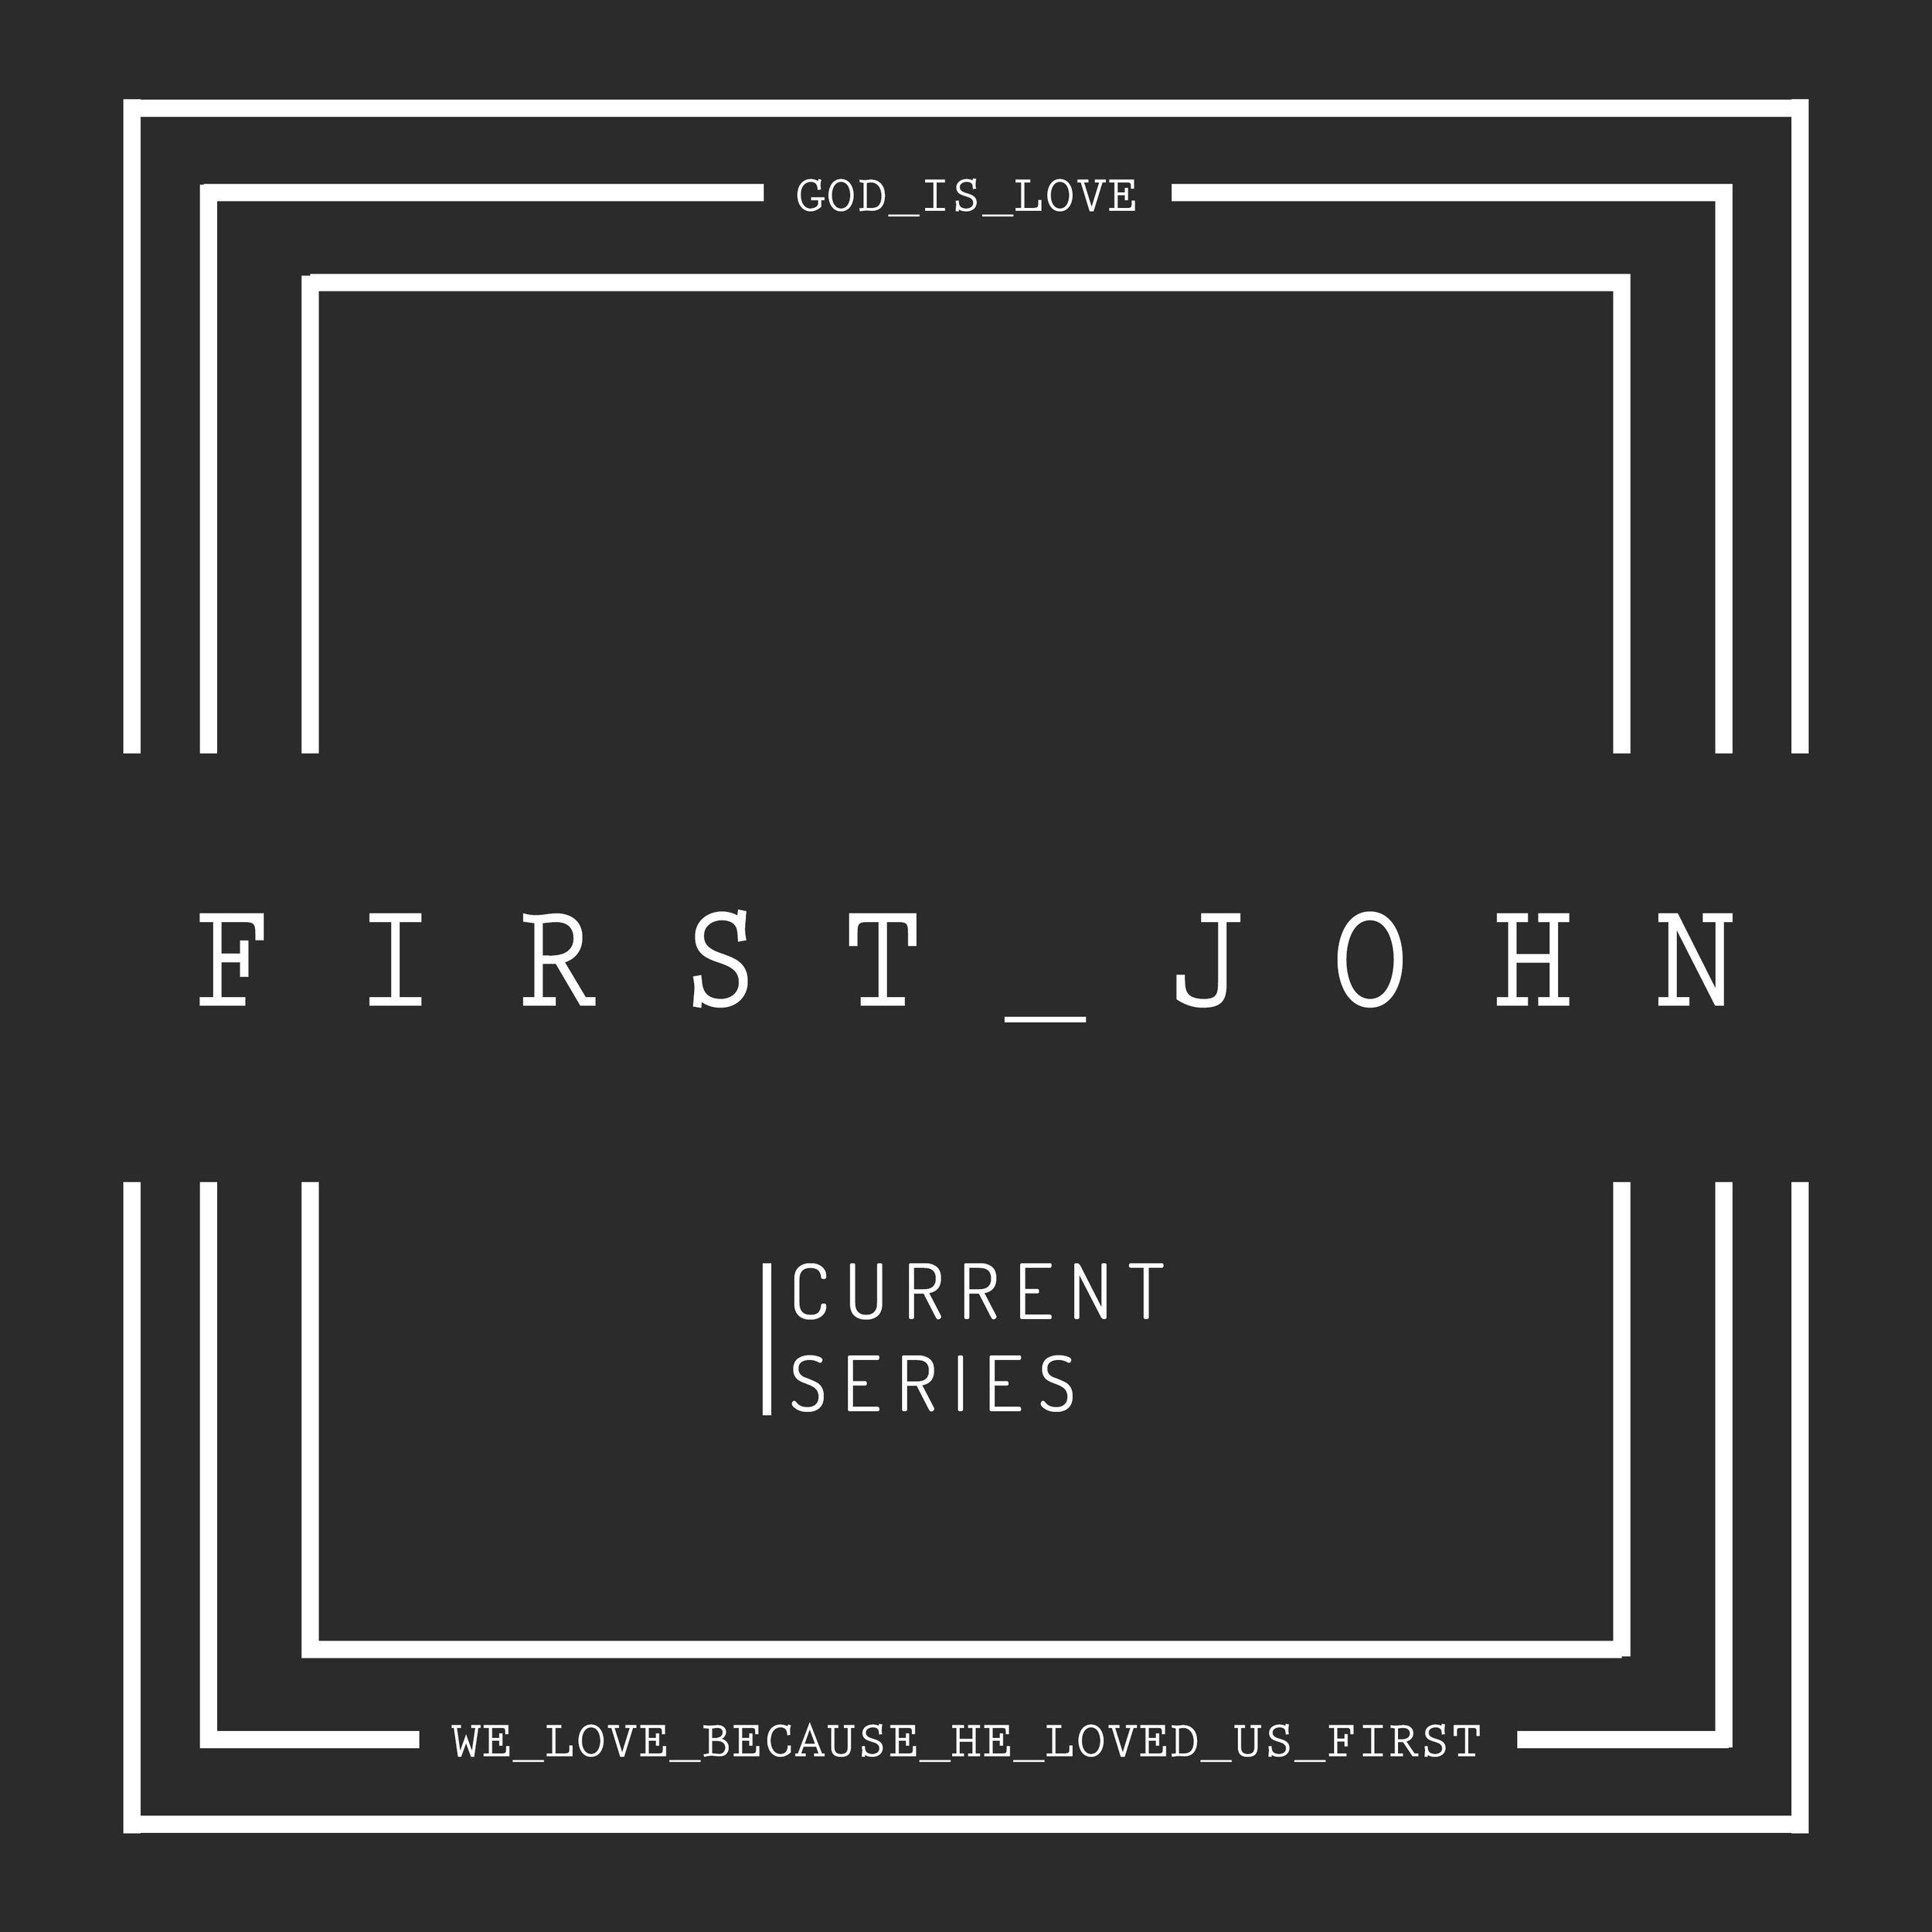 First John